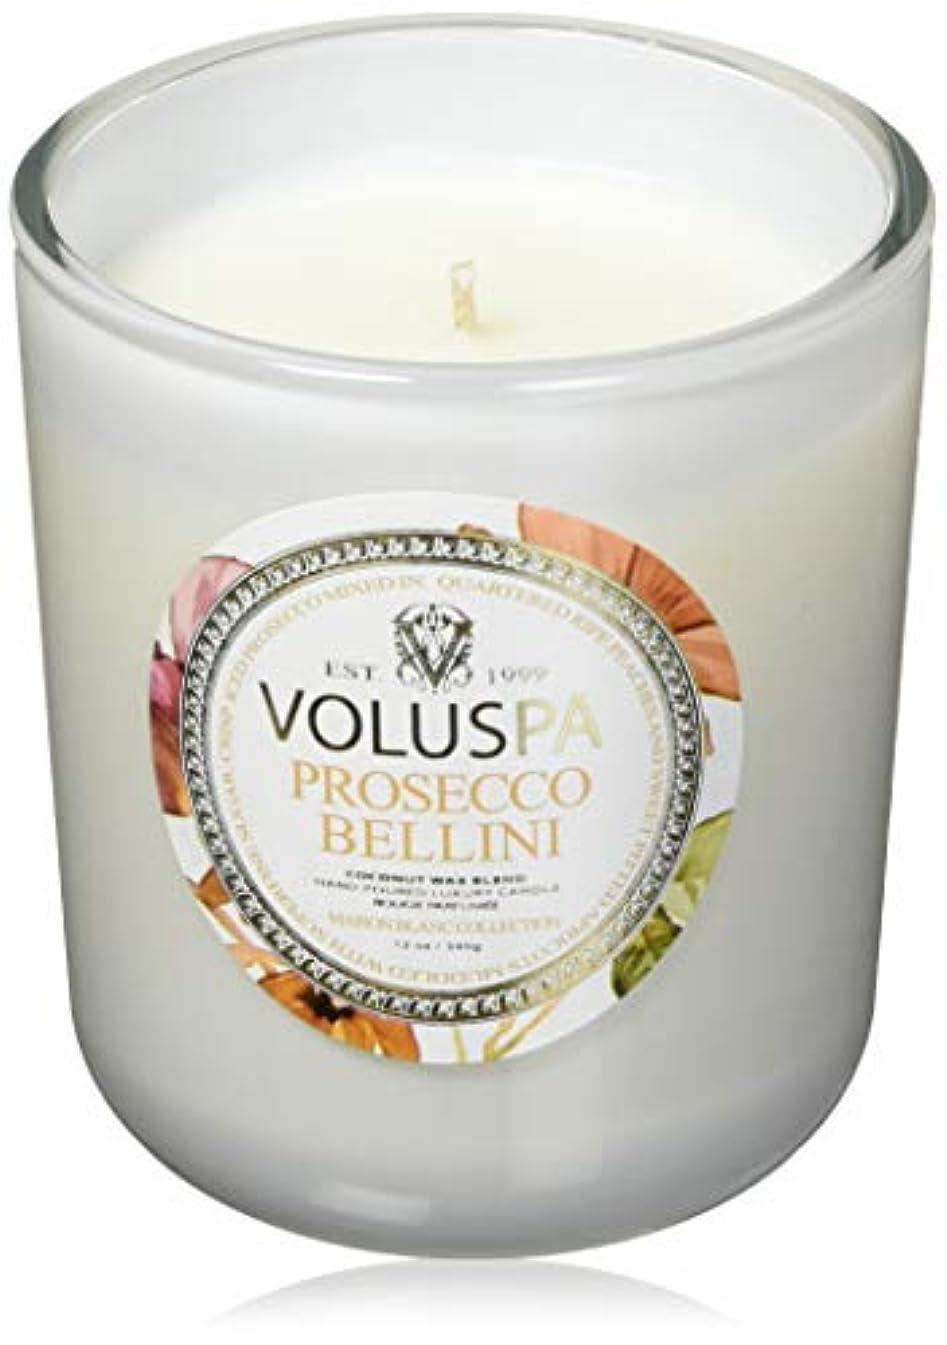 降伏下に噂VOLUSPA メゾンブラン ボックスイリグラスキャンドル Prosecco Bellini プロセッコベッリーニ MAISON BLANK GLASS CANDLE ボルスパ